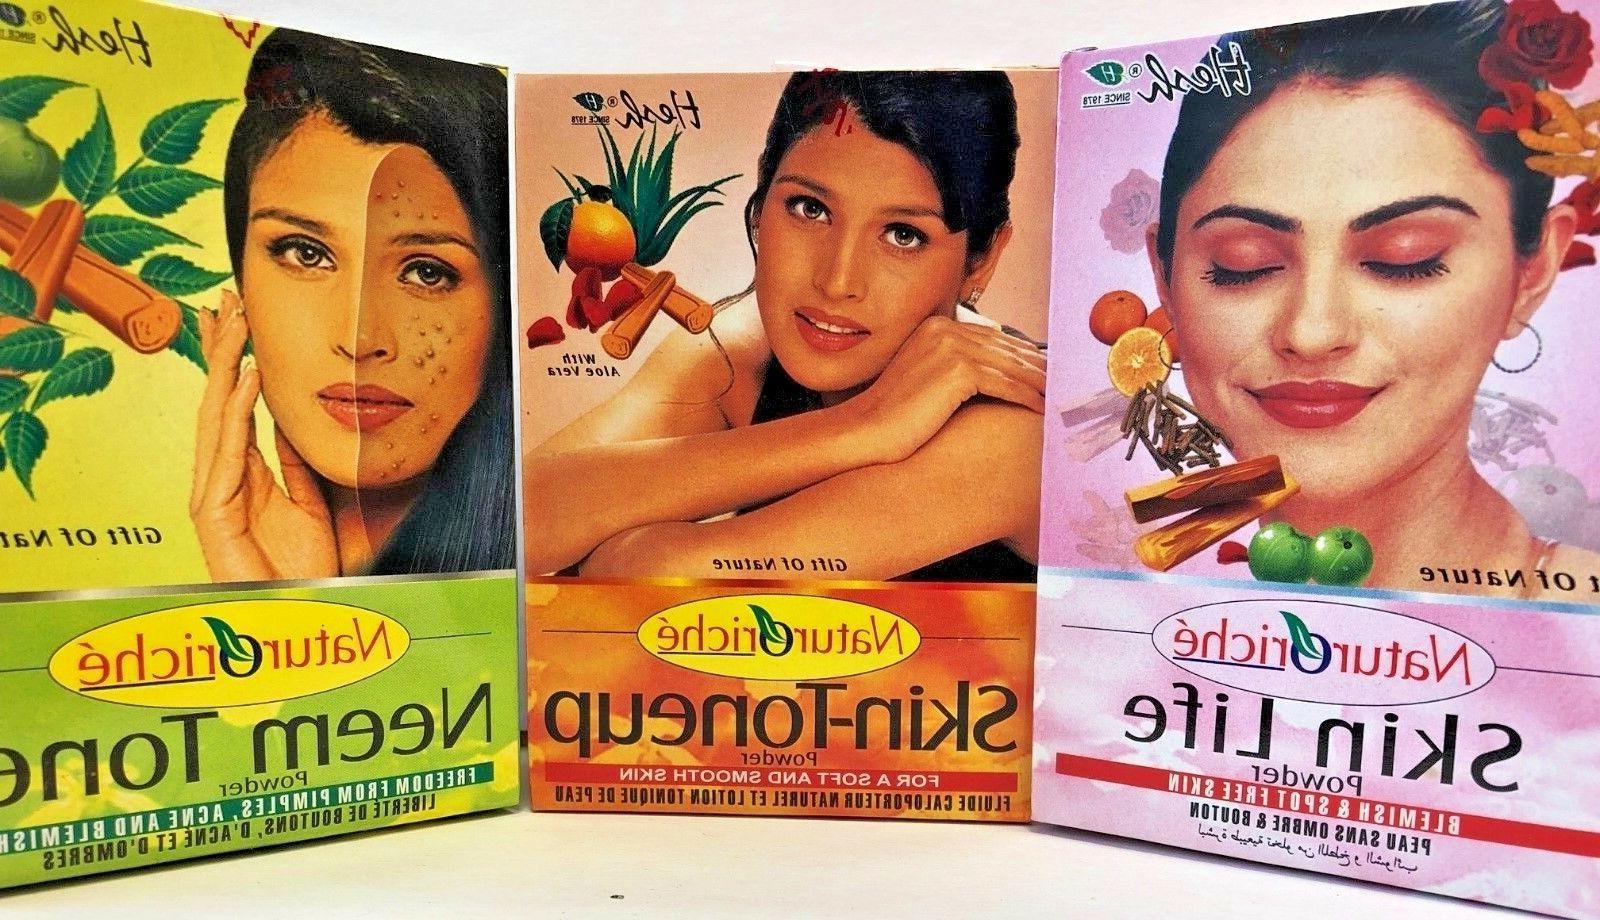 naturoriche skin care kit 100g x pack